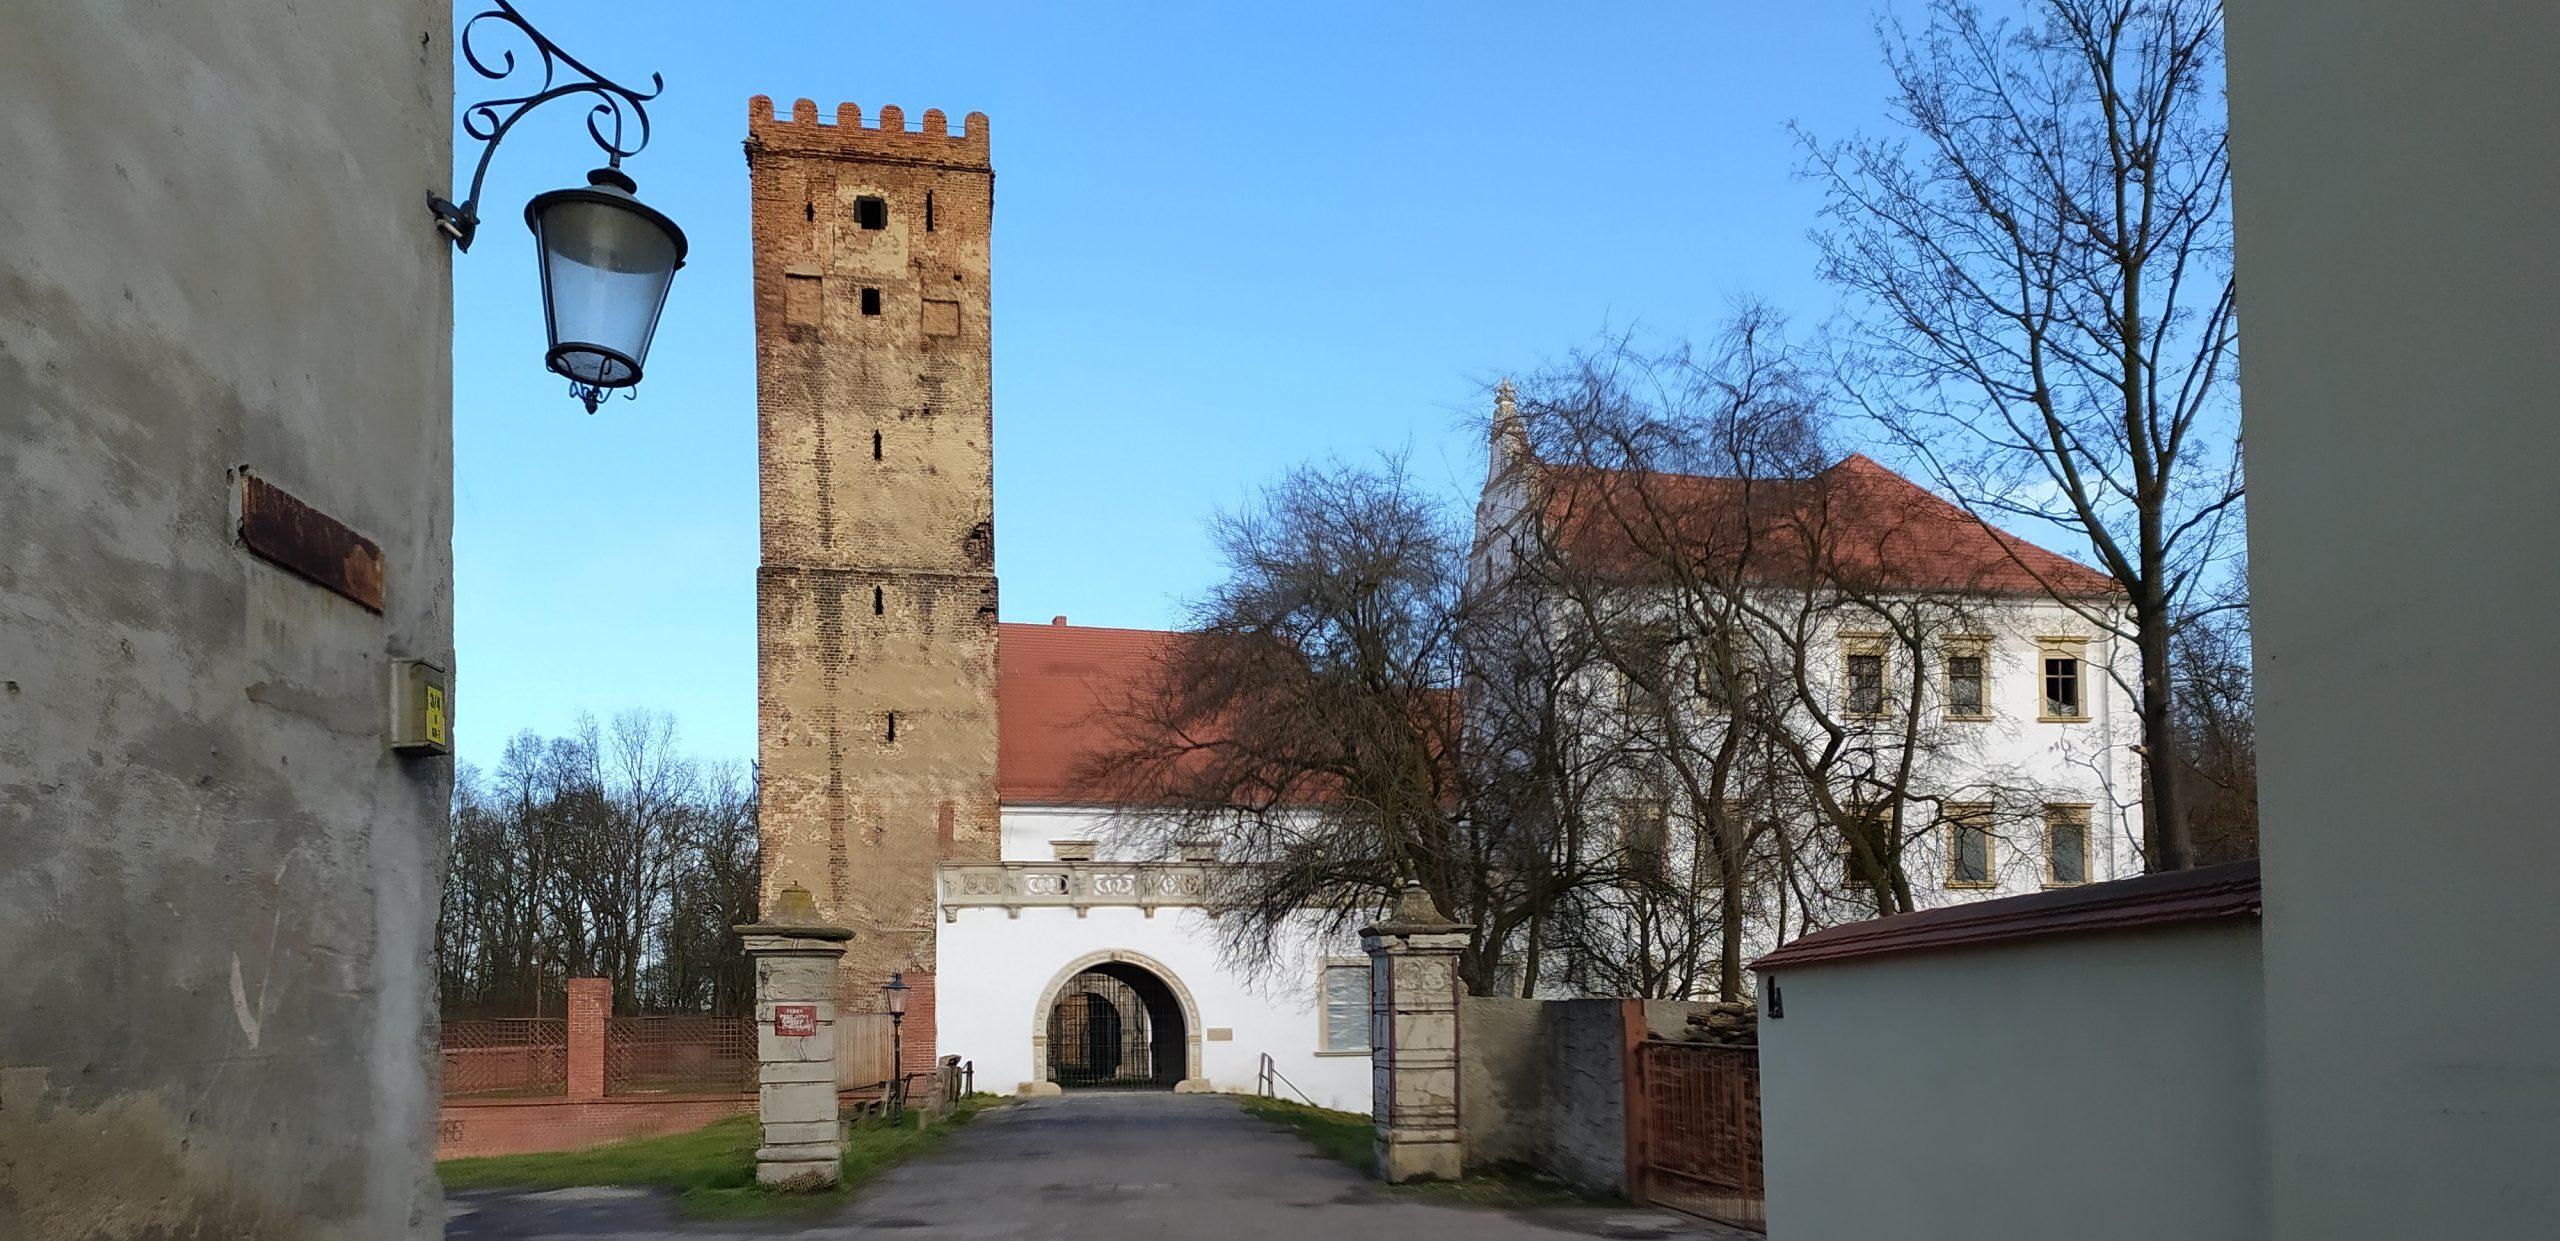 Zamek Rycerski na Szlaku Odry w Prochowicach